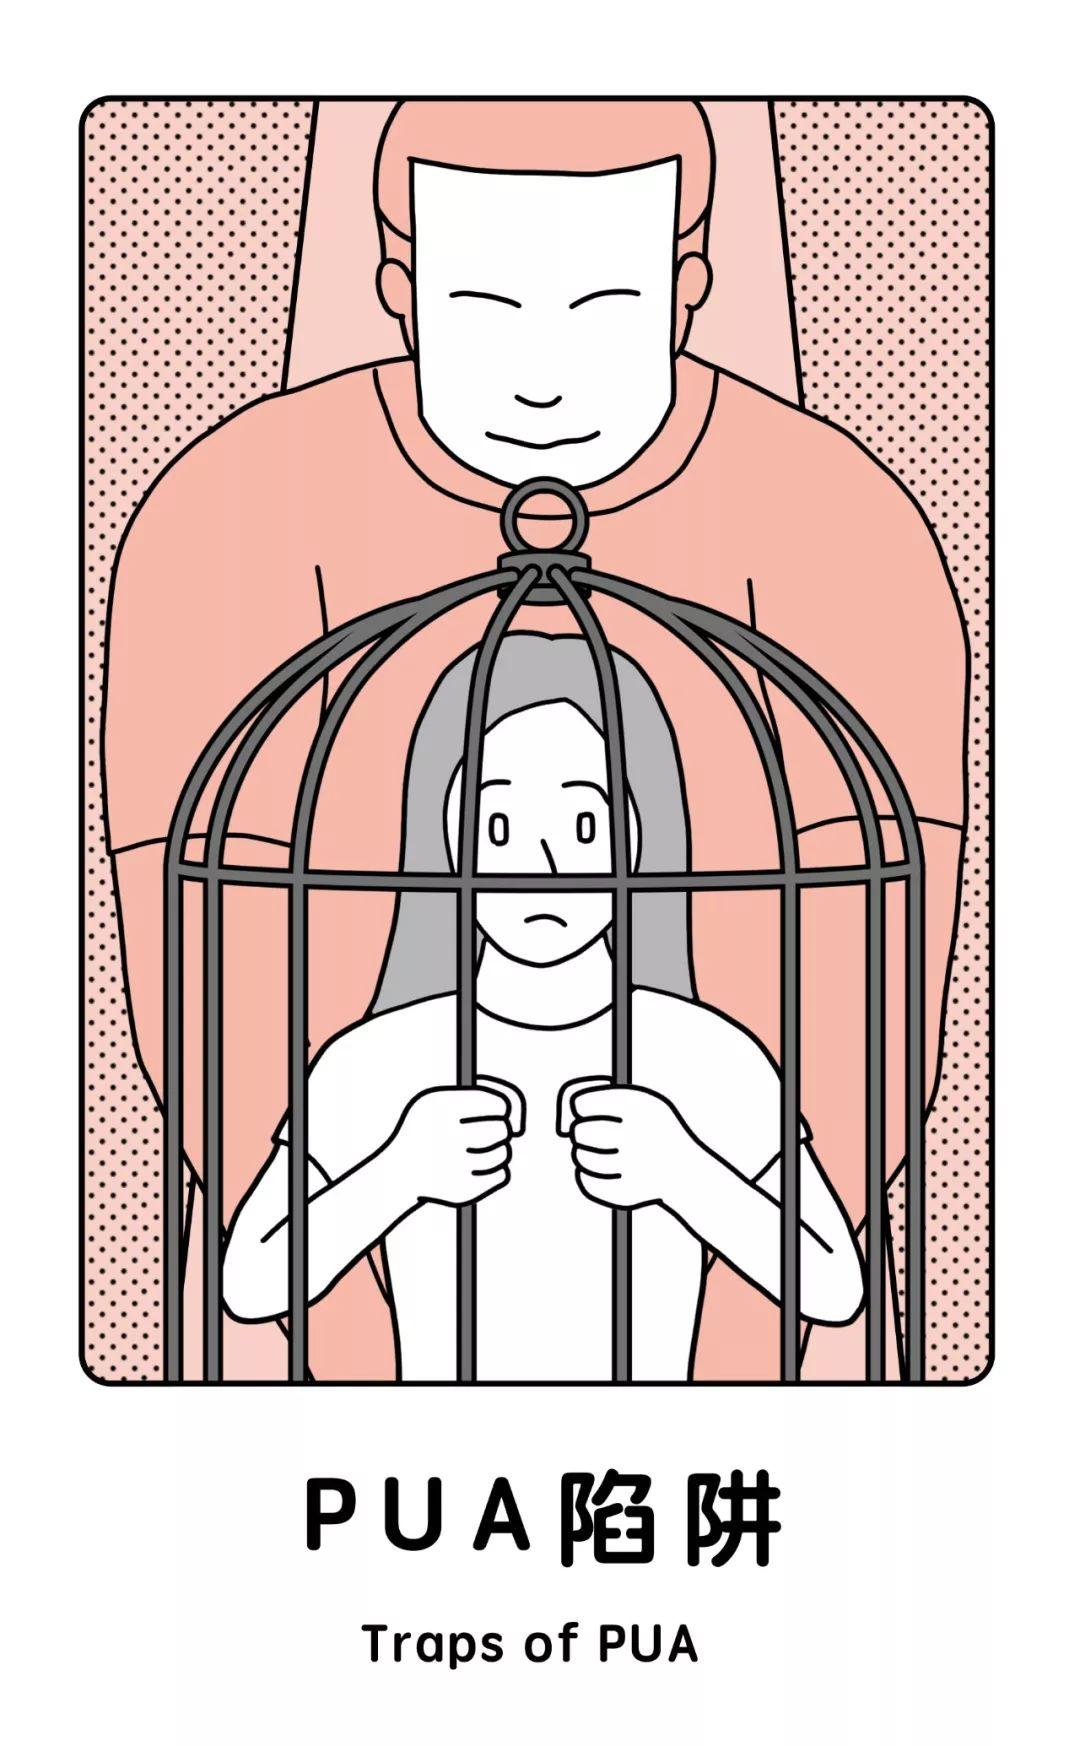 诱奸、骗财、骗婚 女性防范PUA套路骗术与自救全攻略